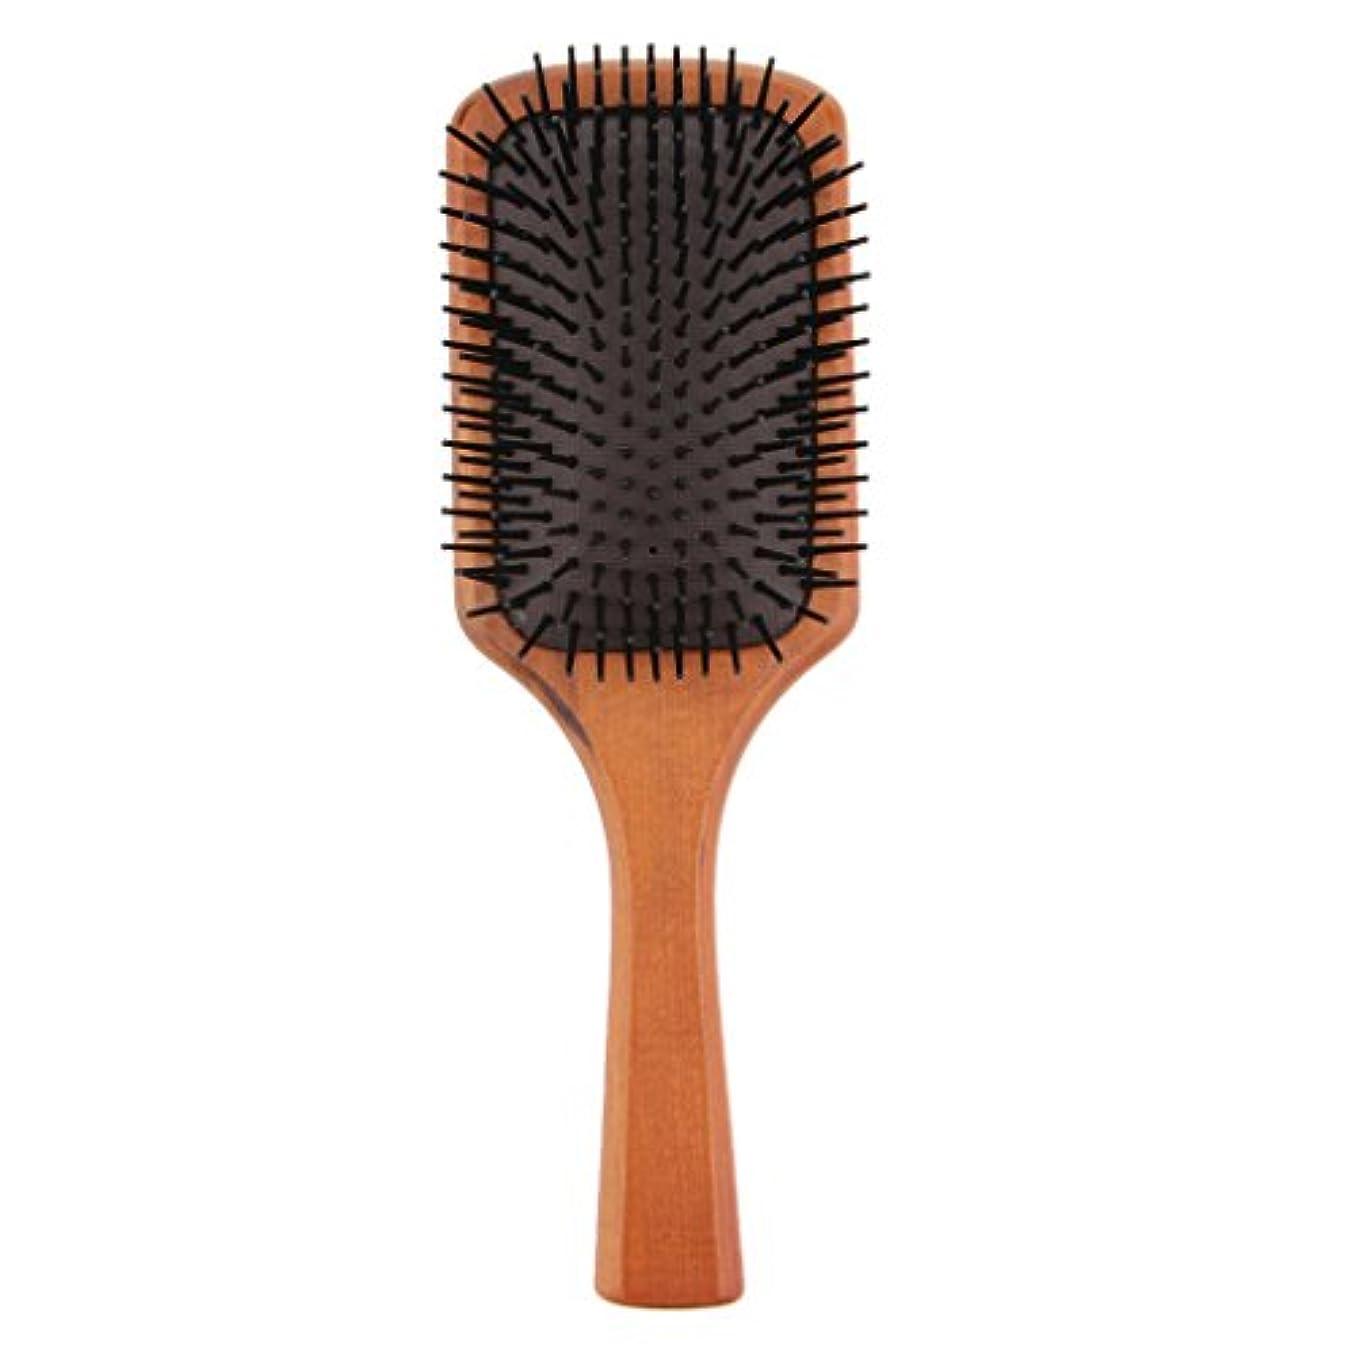 甘い官僚寄生虫T TOOYFUL 木製コーム ヘアブラシ 櫛 ヘアダイコーム ヘアコーム 健康 光沢 髪 維持